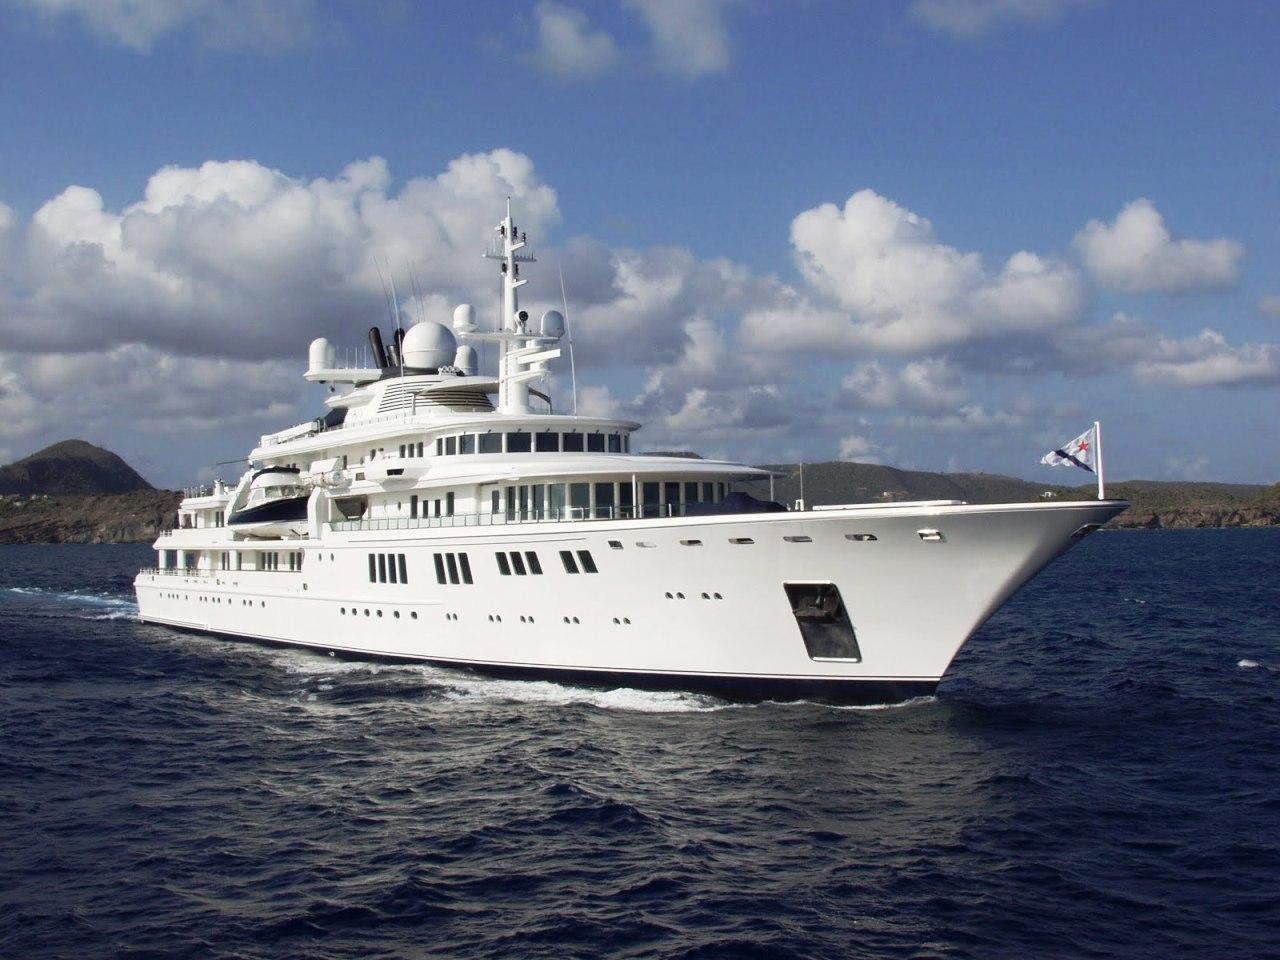 В Ялте пришвартовалась одна из самых дорогих яхт мира